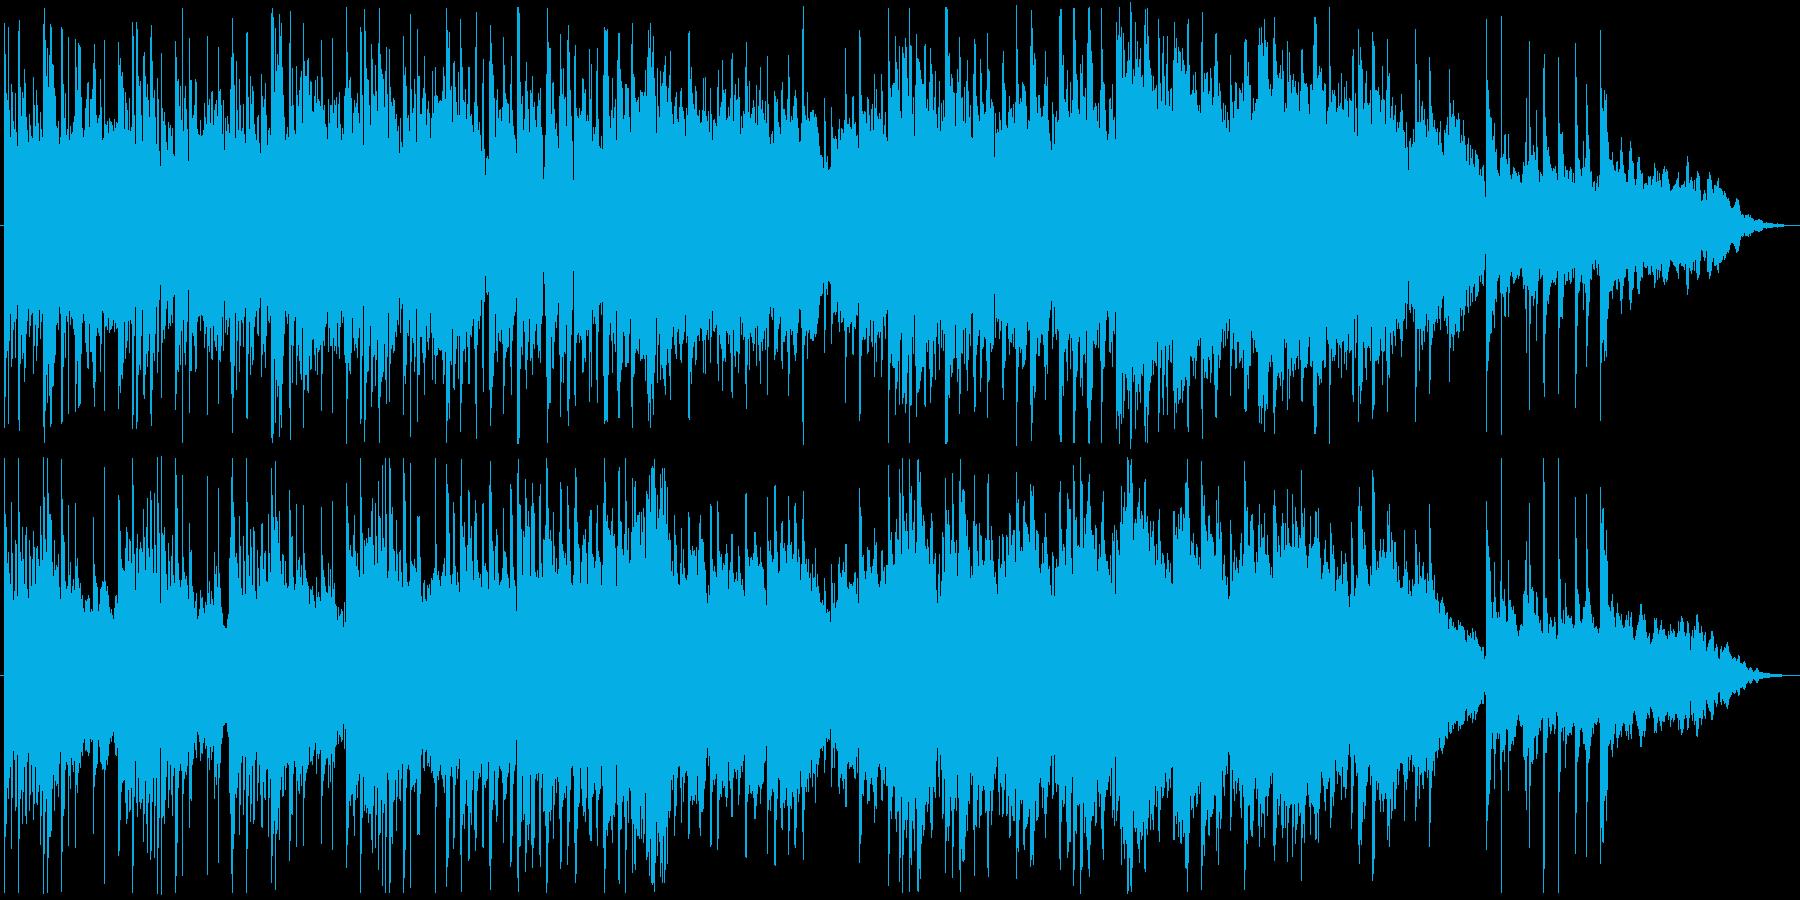 美しいピアノの旋律が印象的なポップスの再生済みの波形